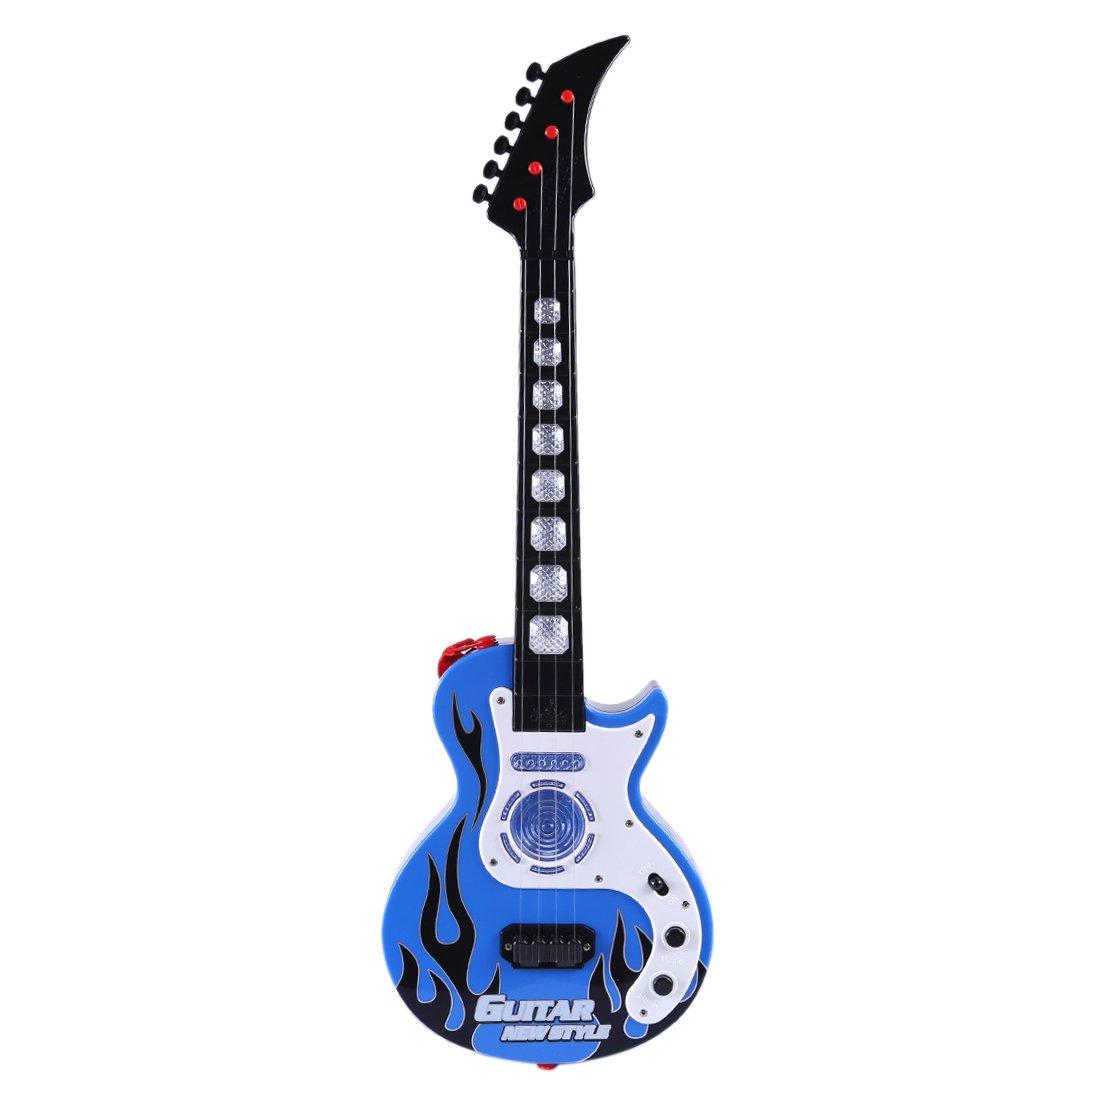 WEIZQ Mini 4 Cuerdas Guitarra Infantil Juguete para los Pequeños Músicos - ¡para Crear tu Propia Música - 53cm: Amazon.es: Juguetes y juegos